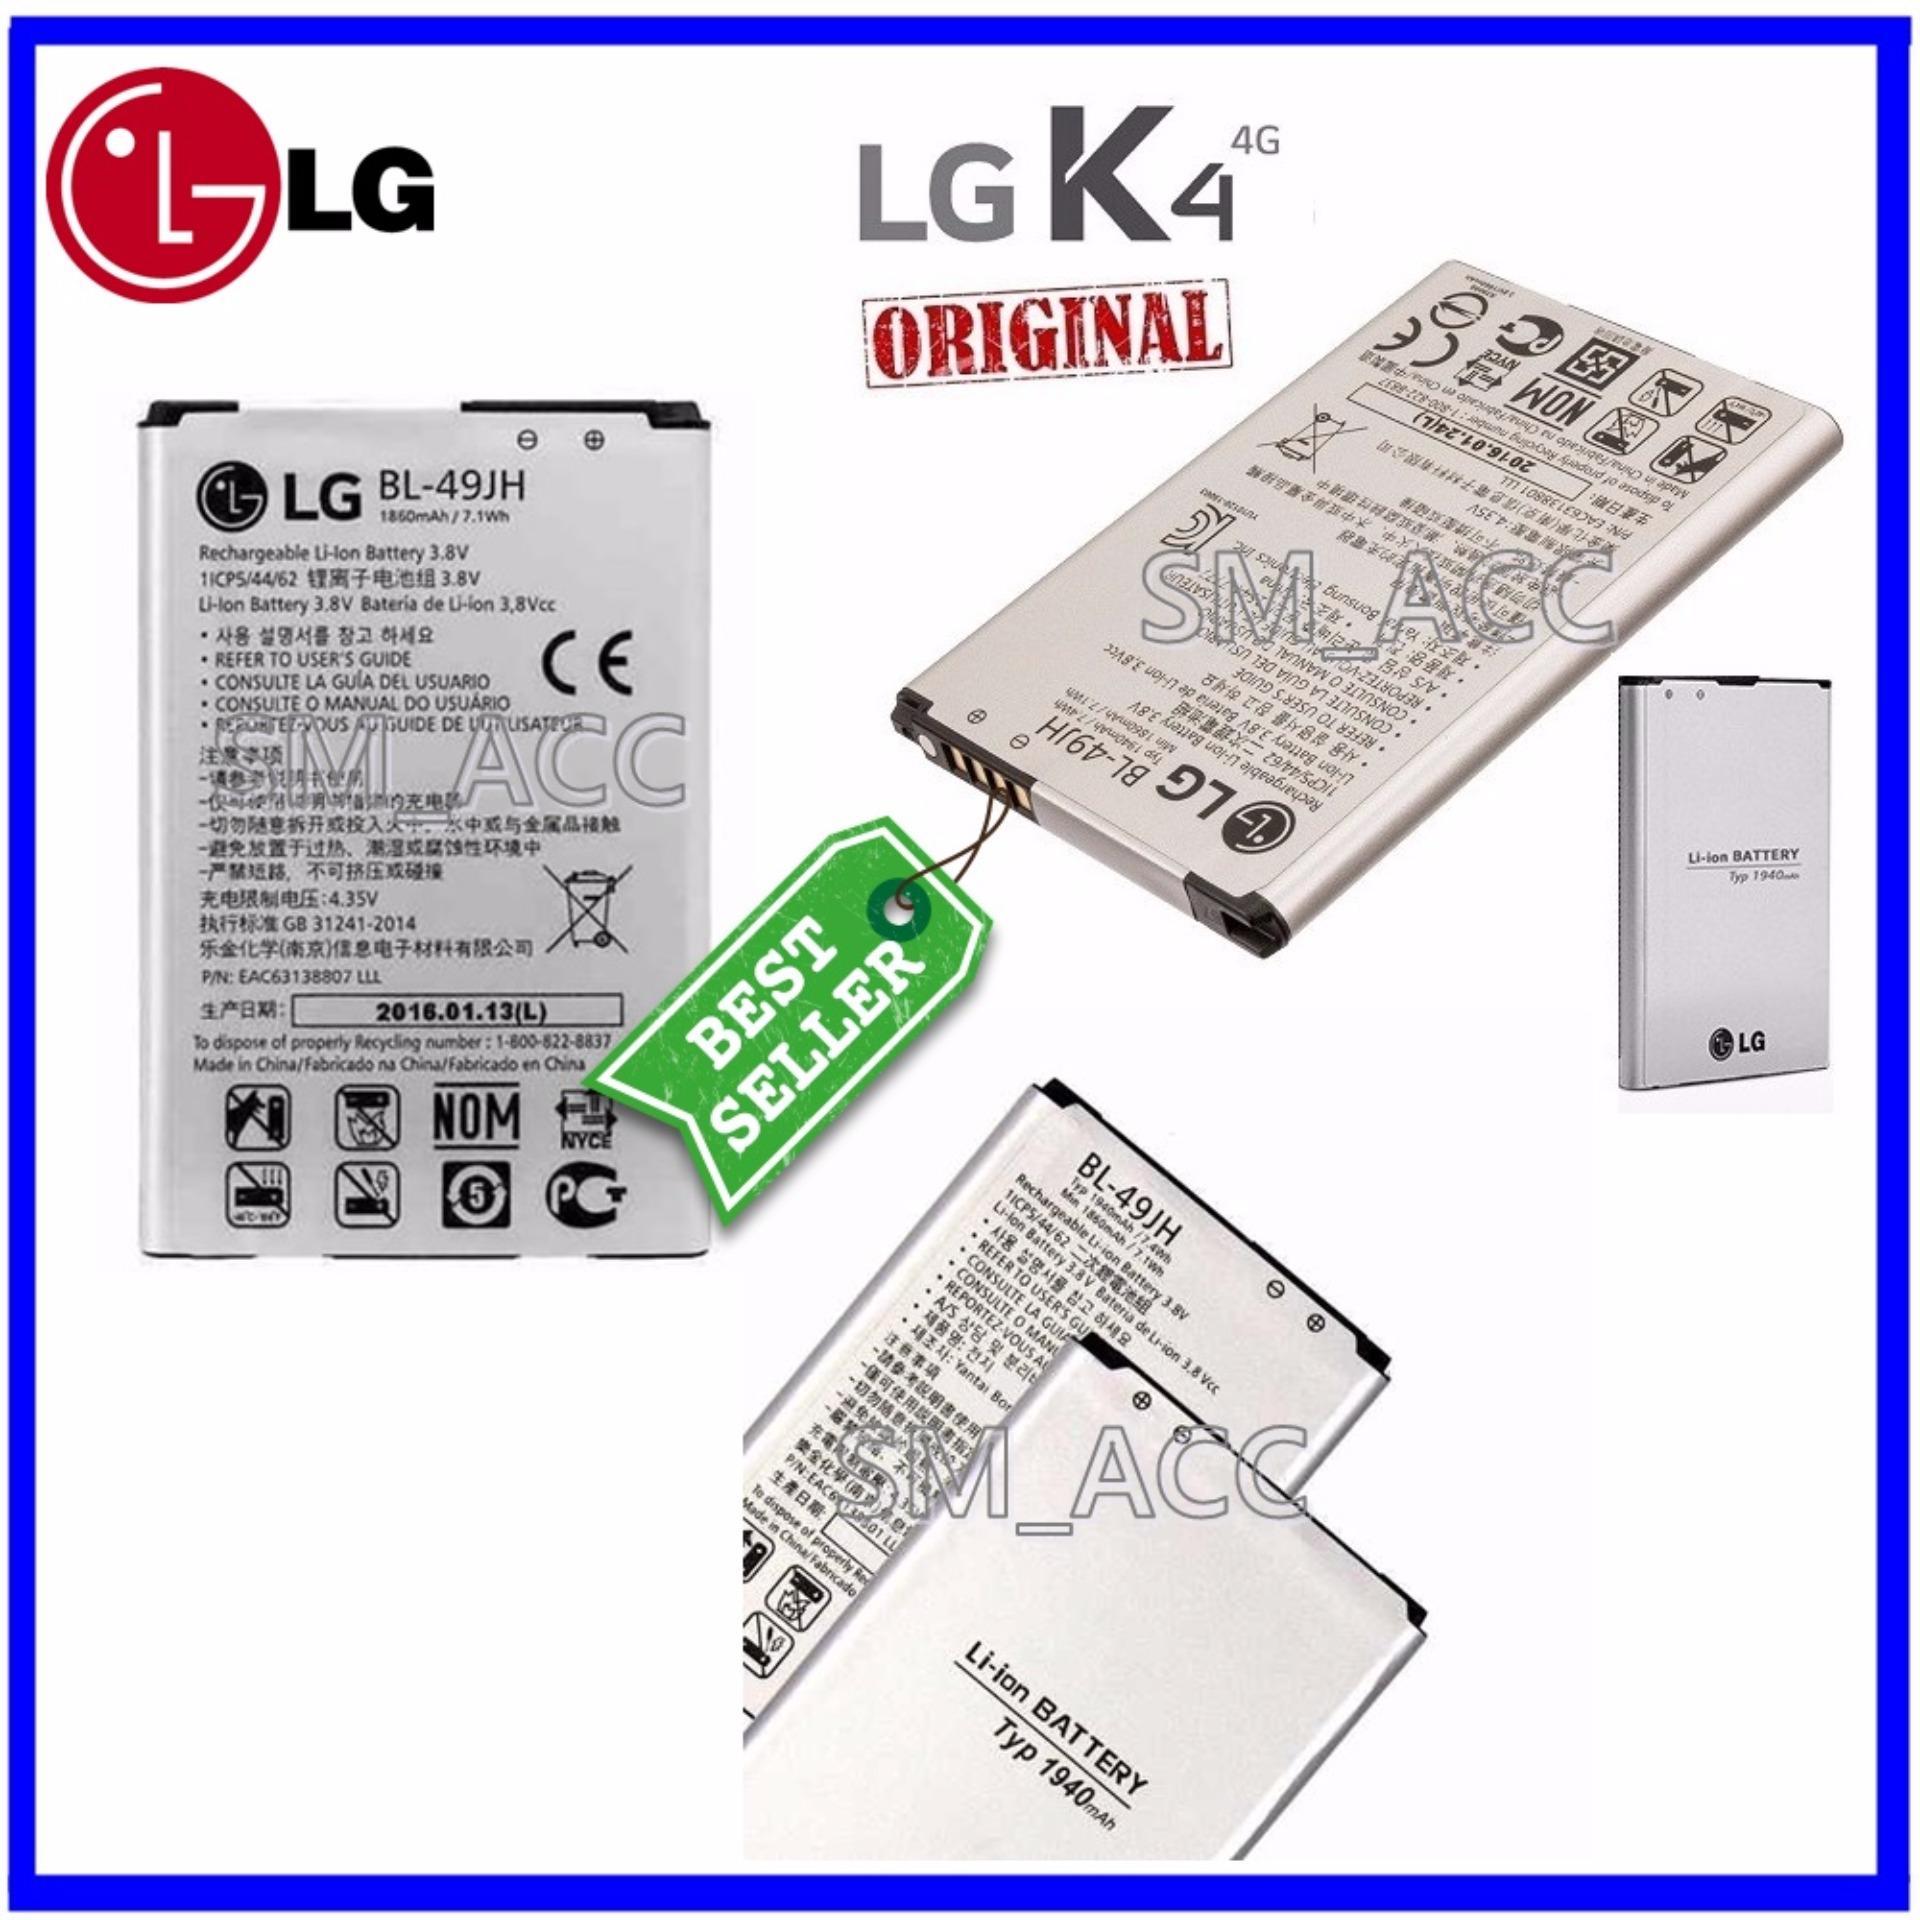 LG Baterai / Battery BL49JH For LG K4 Original - Kapasitas 1940mAh